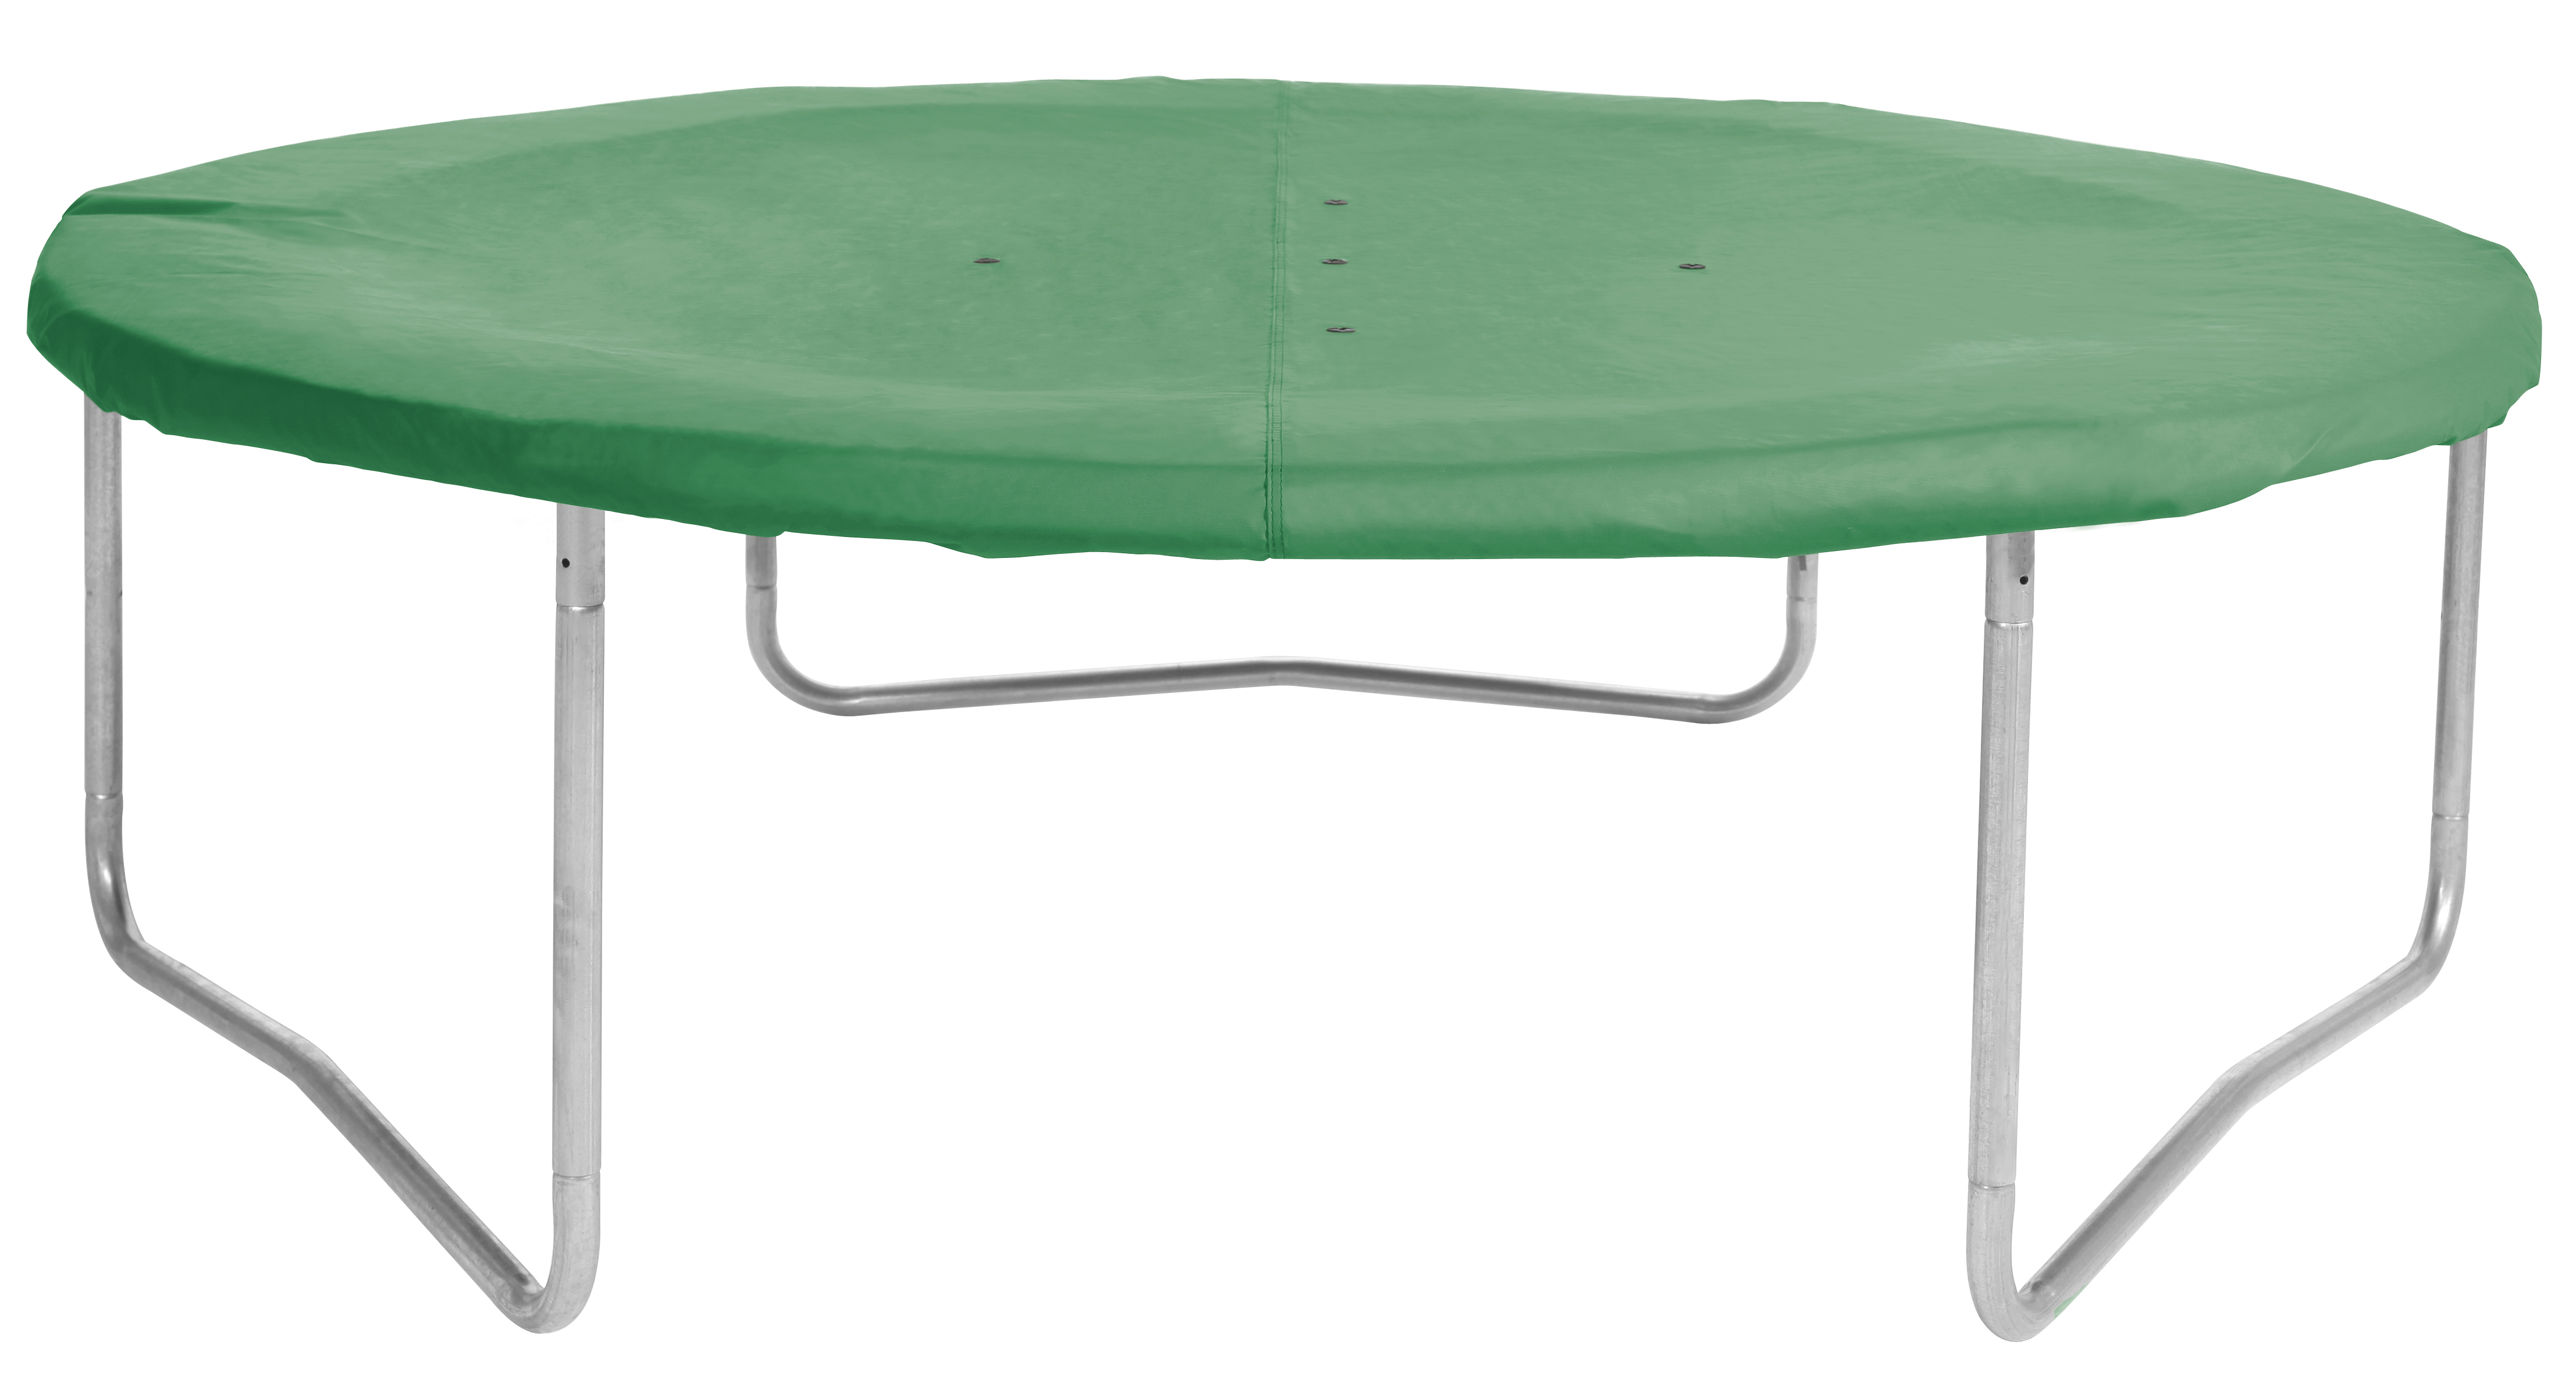 Salta 601 Trampoline Beschermhoes Groen 183cm